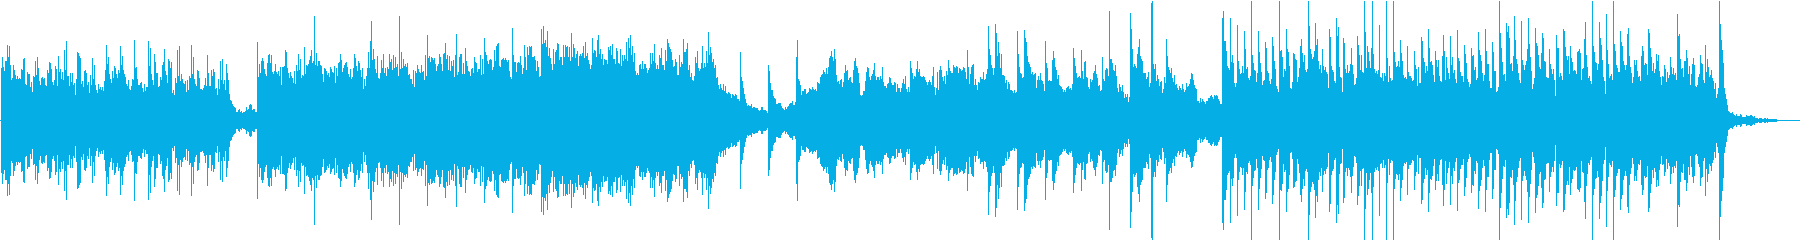 企業VPや映像/壮大オーケストラBGMの再生済みの波形